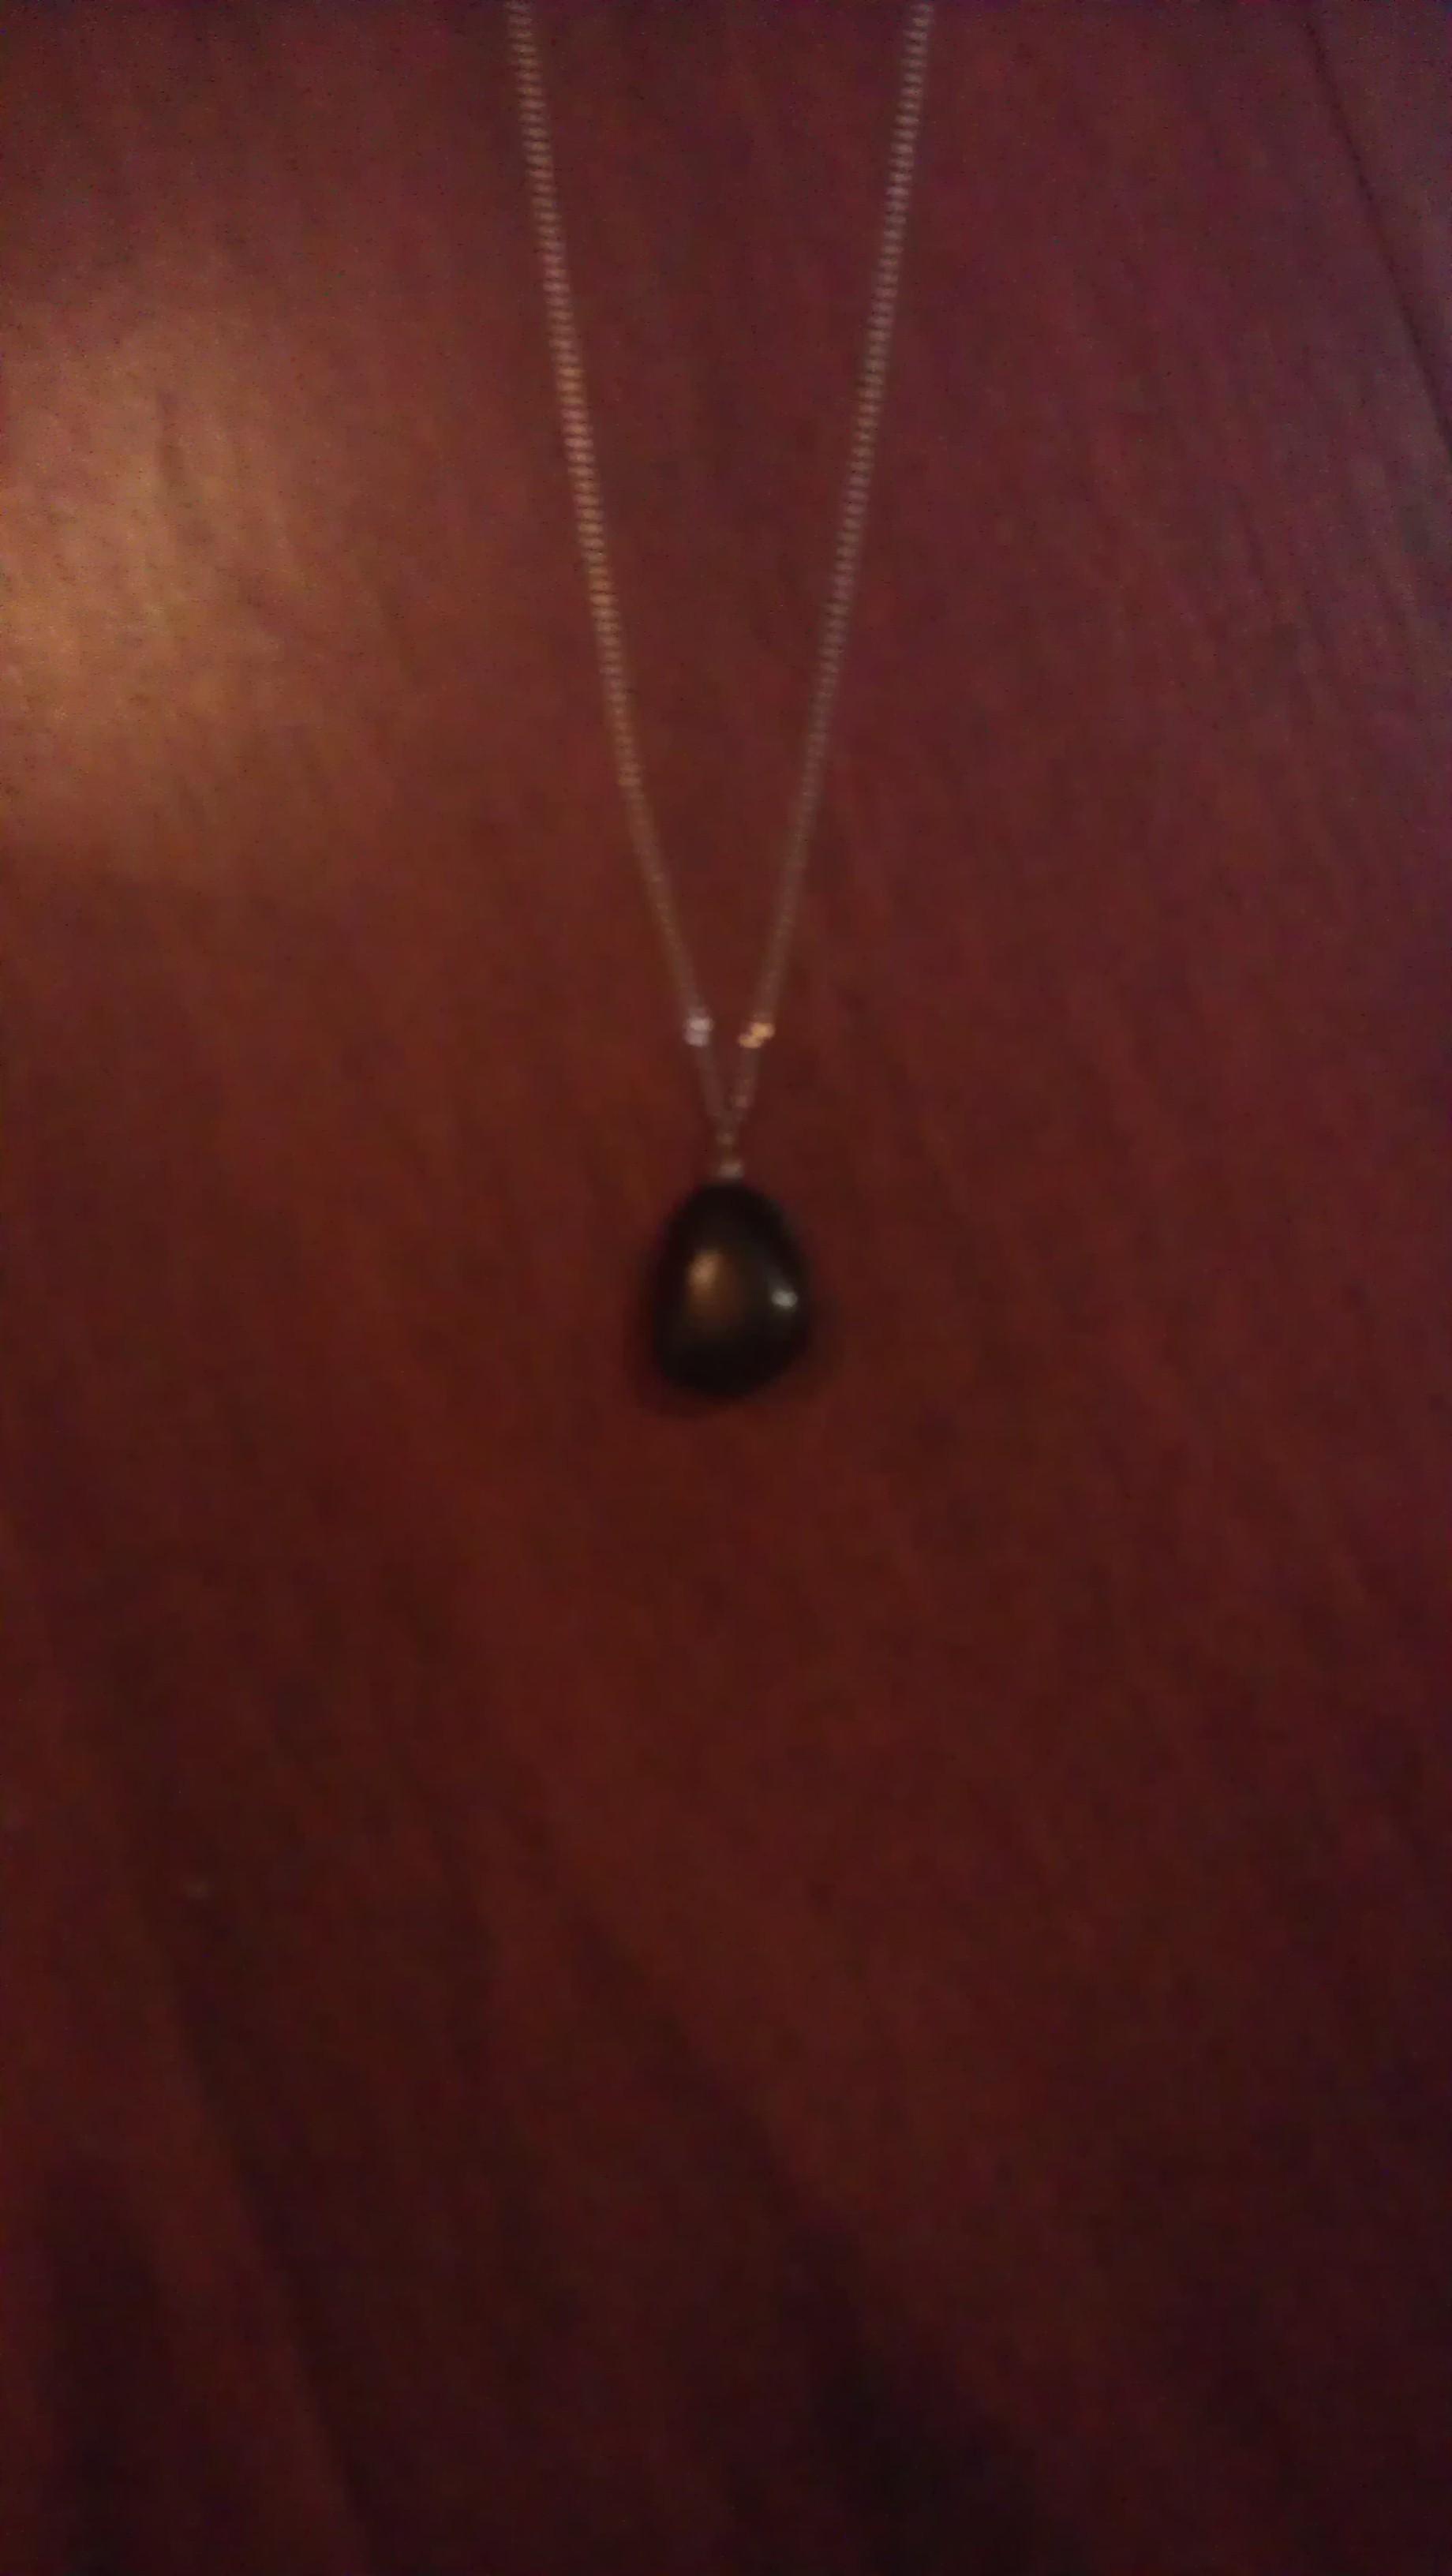 Mon pendentif en obsidienne. Il m'a été offert cette année par mon conjoint.